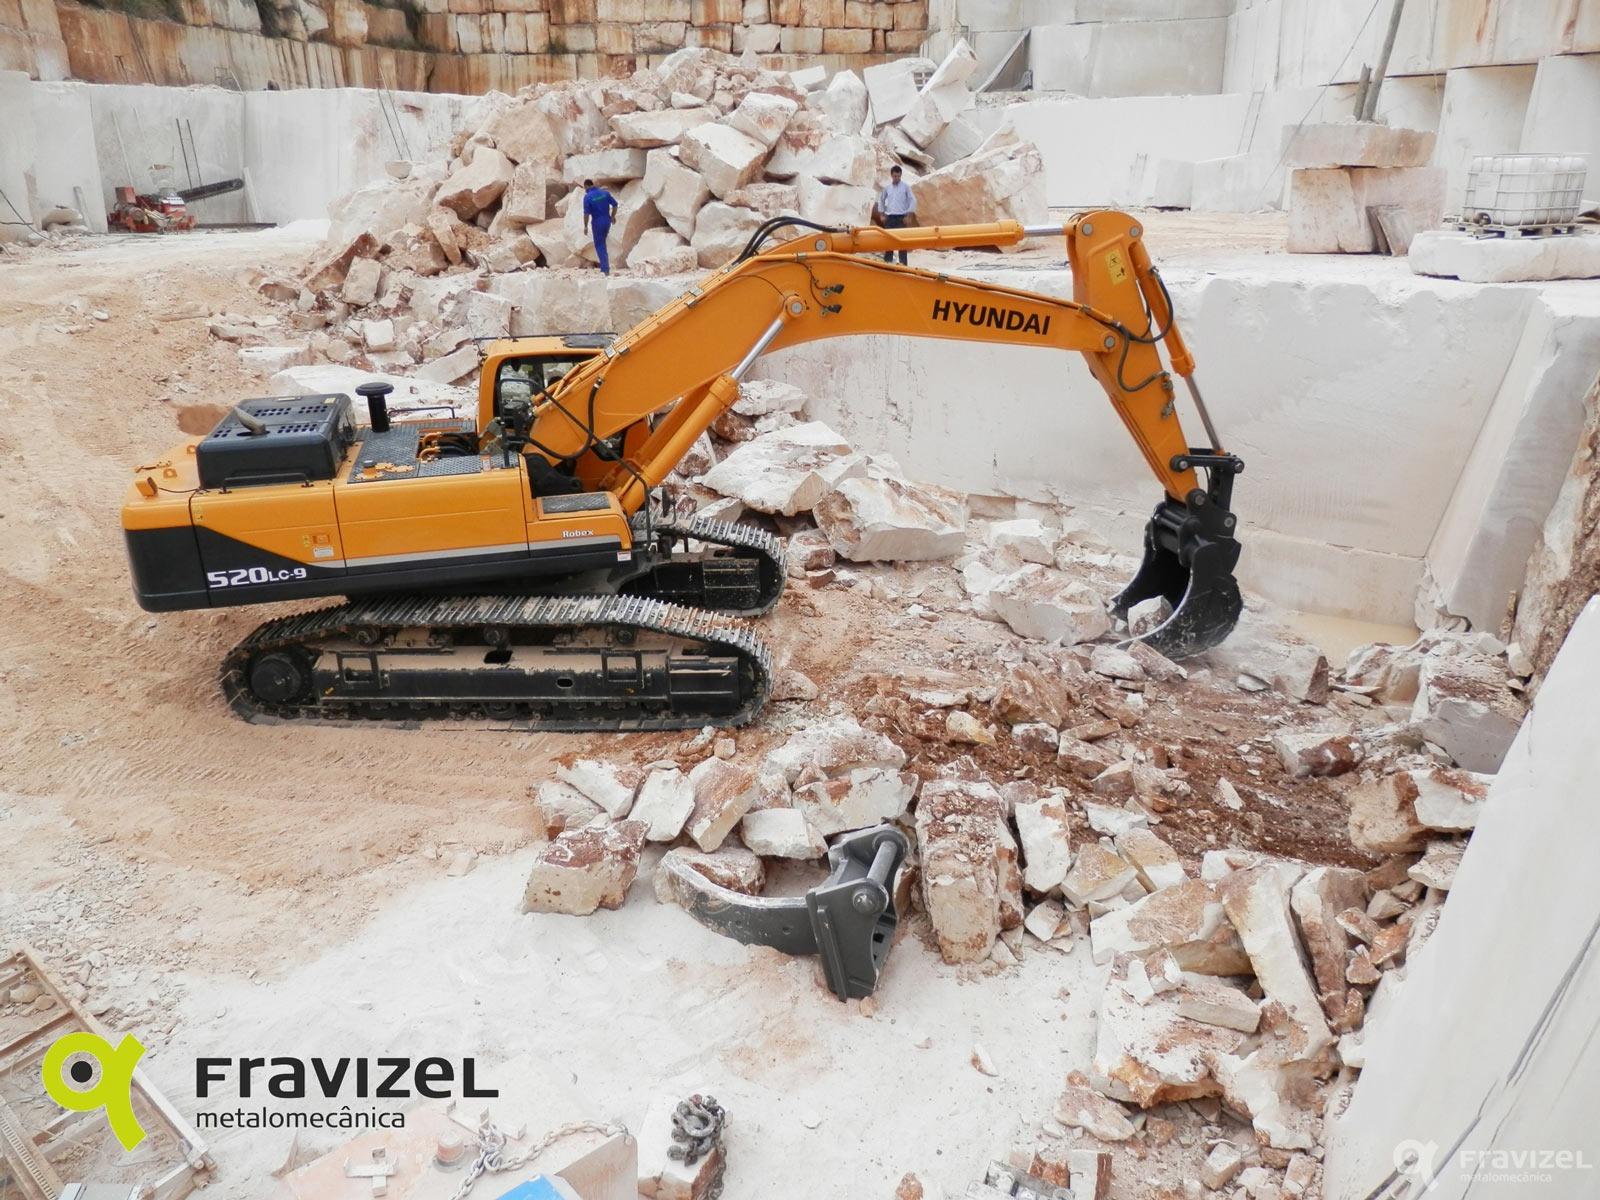 Excavator Rock Bucket : Rock bucket for excavator fravizel